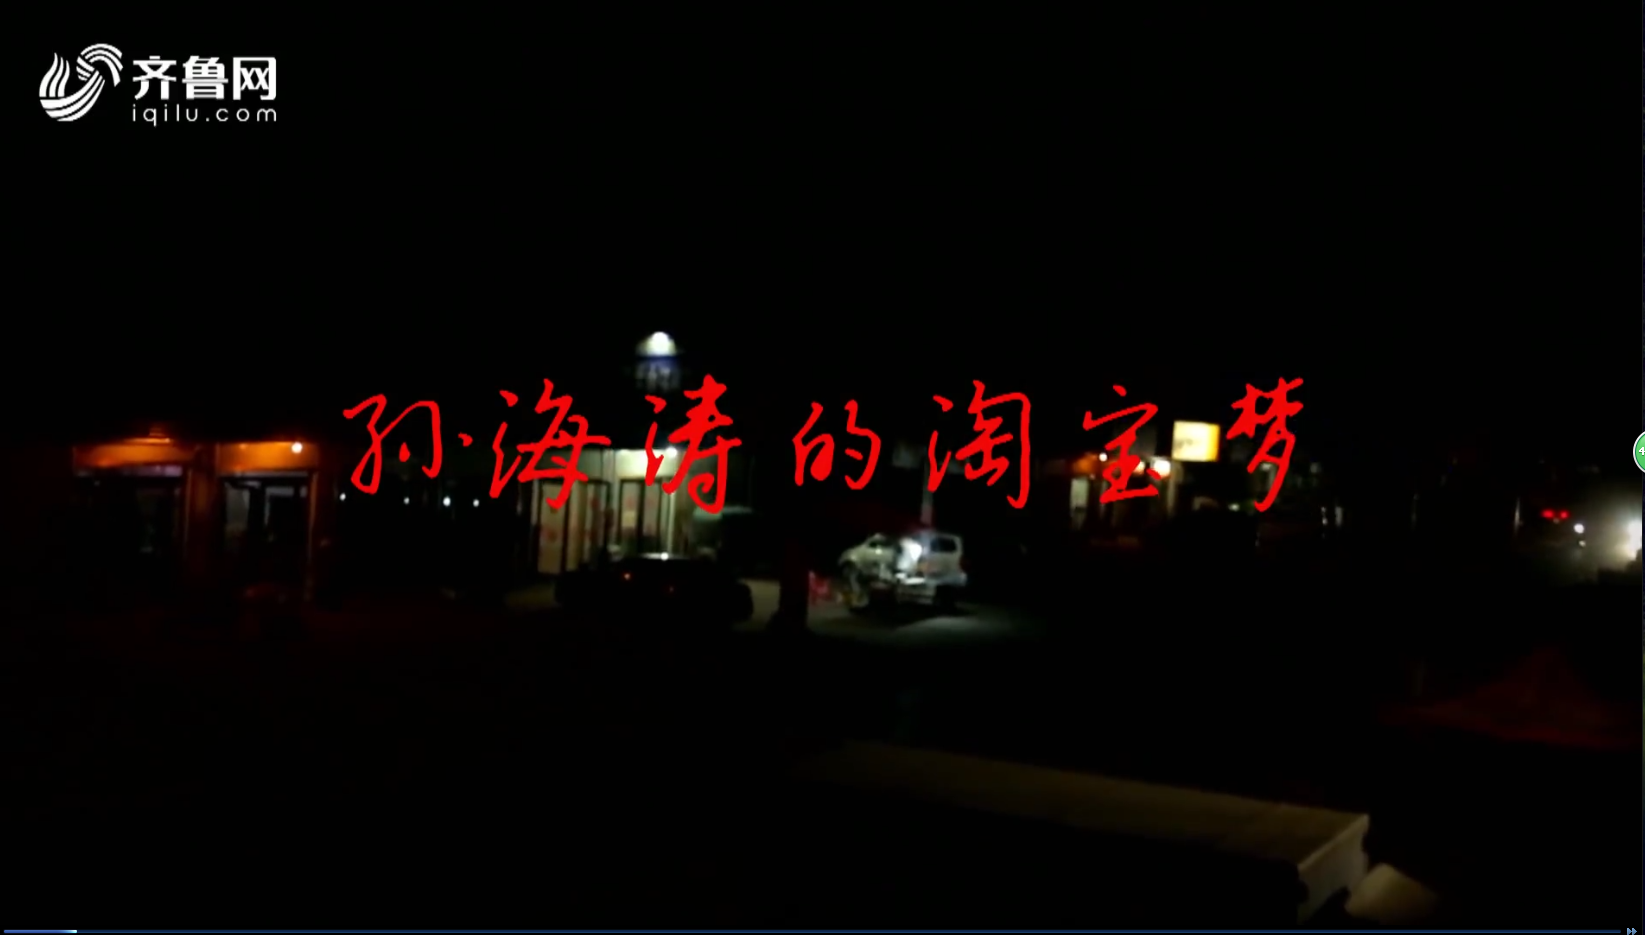 孙海涛的淘宝梦